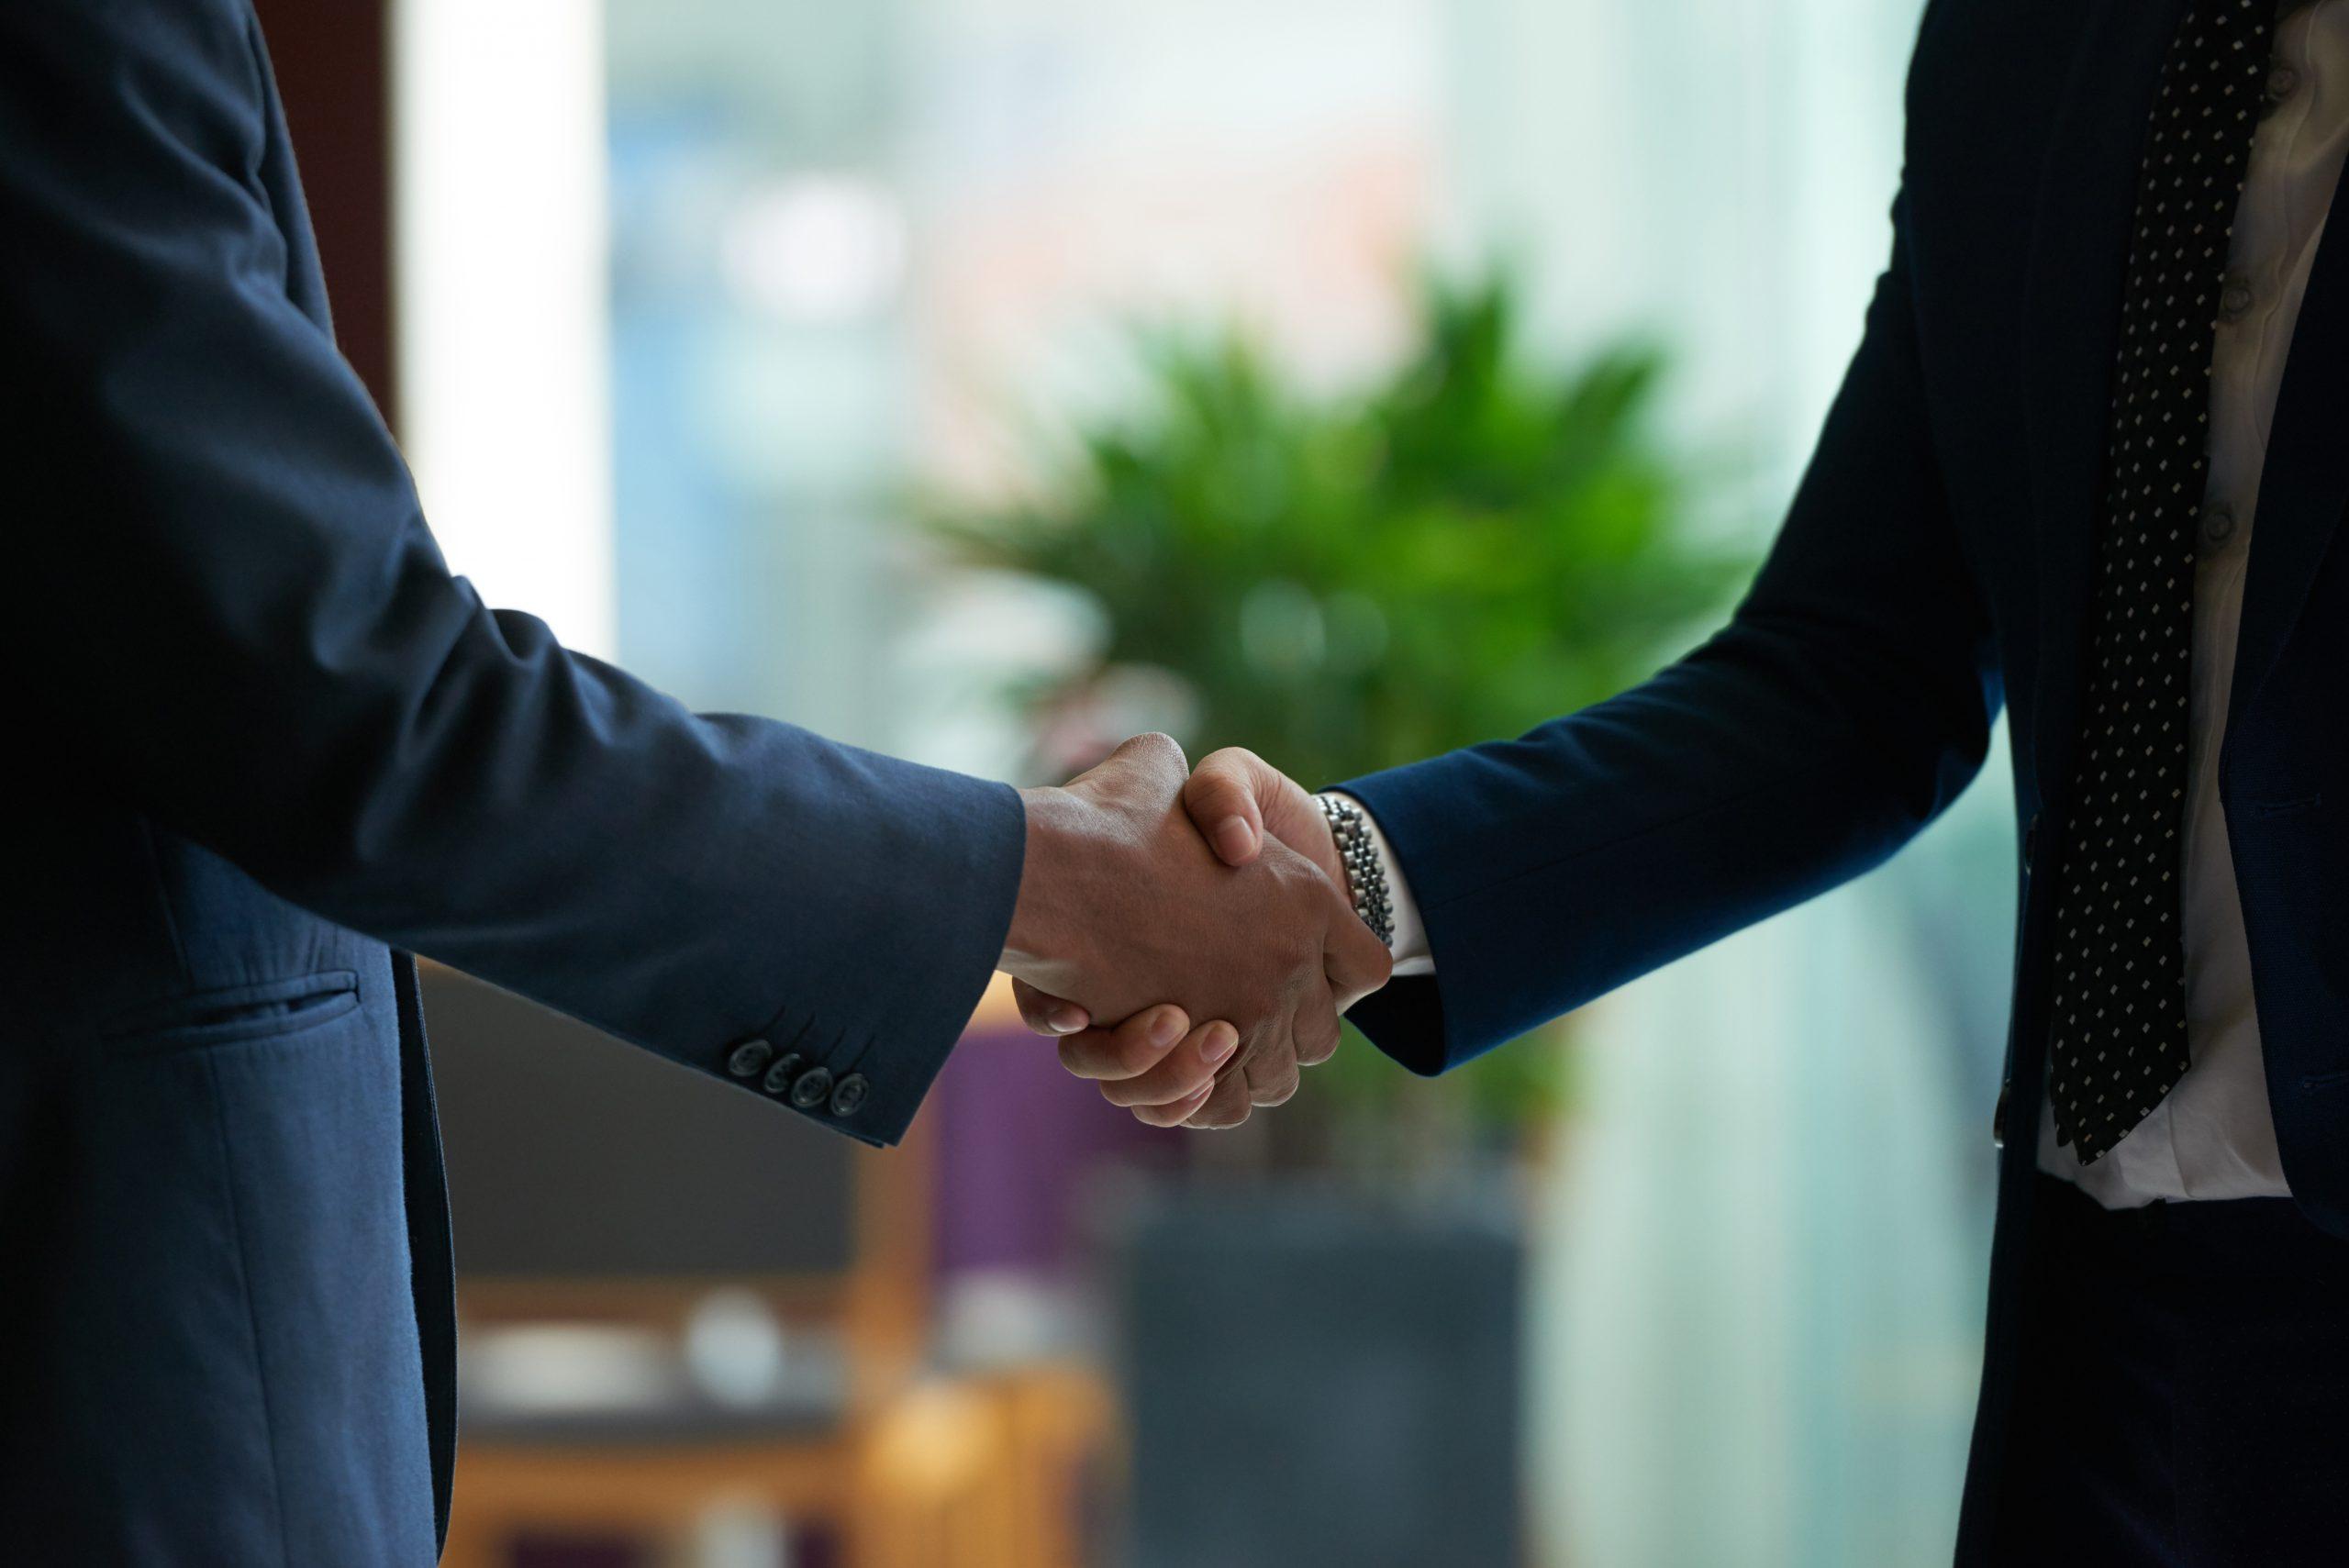 Ao contratar uma consultoria em contabilidade, o empresário tem acesso a avaliações de rentabilidade, liquidez (...) e, a partir daí, pode criar estratégias